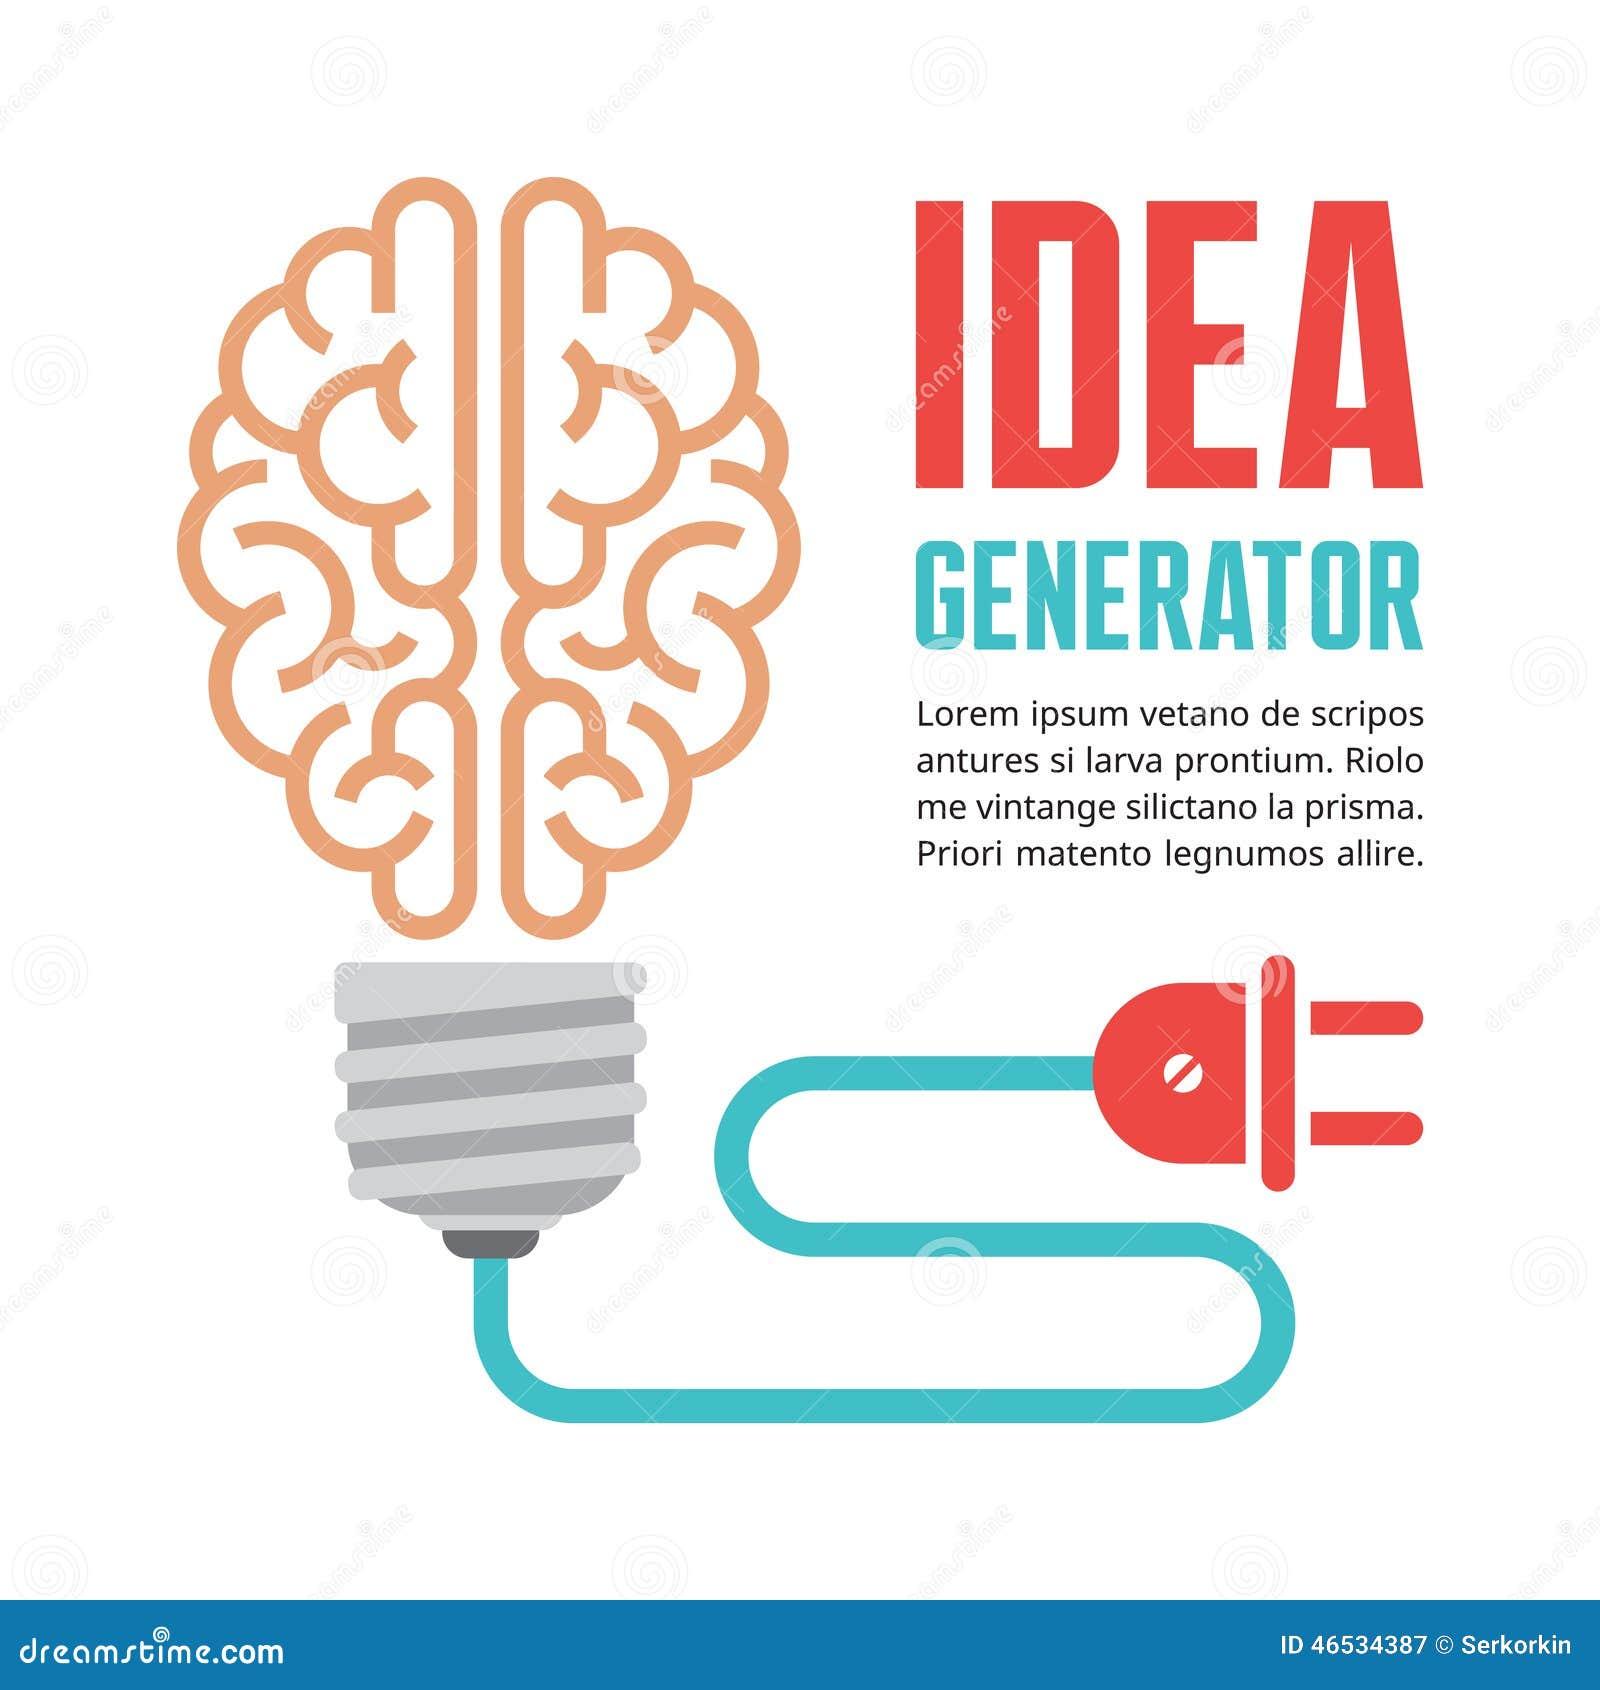 Menschliches Gehirn in der Glühlampevektorillustration Ideengenerator - kreatives infographic Konzept